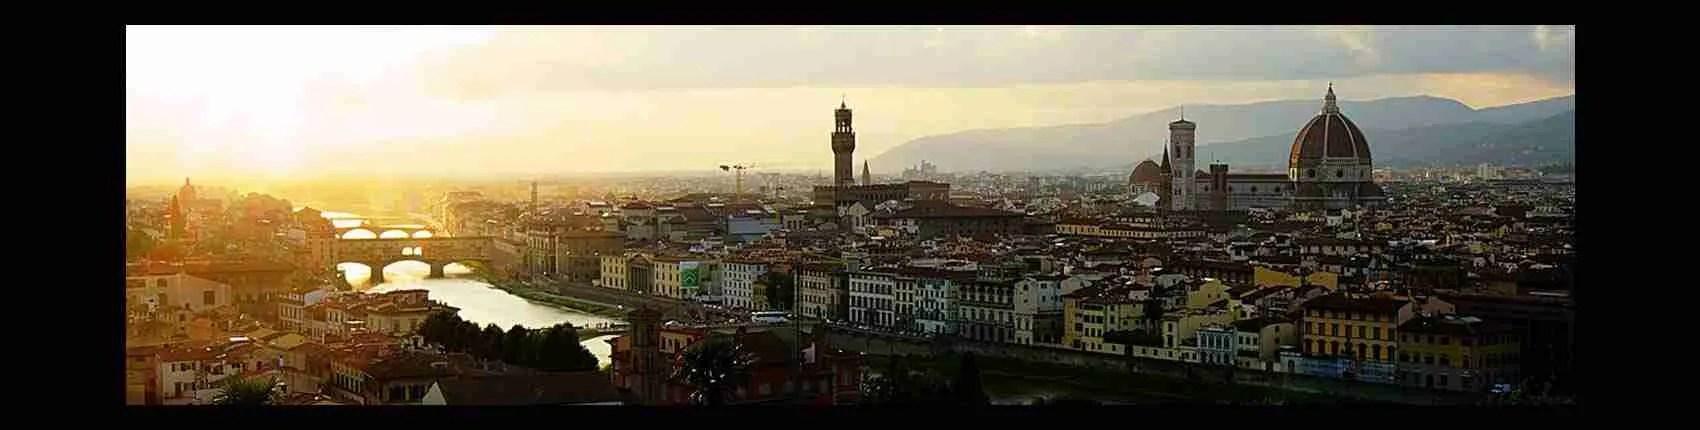 Piazzale Michelangelo a Firenze è il luogo prescelto dalle escort di Firenze per lo shopping o per un aperitivo. Magica Escort